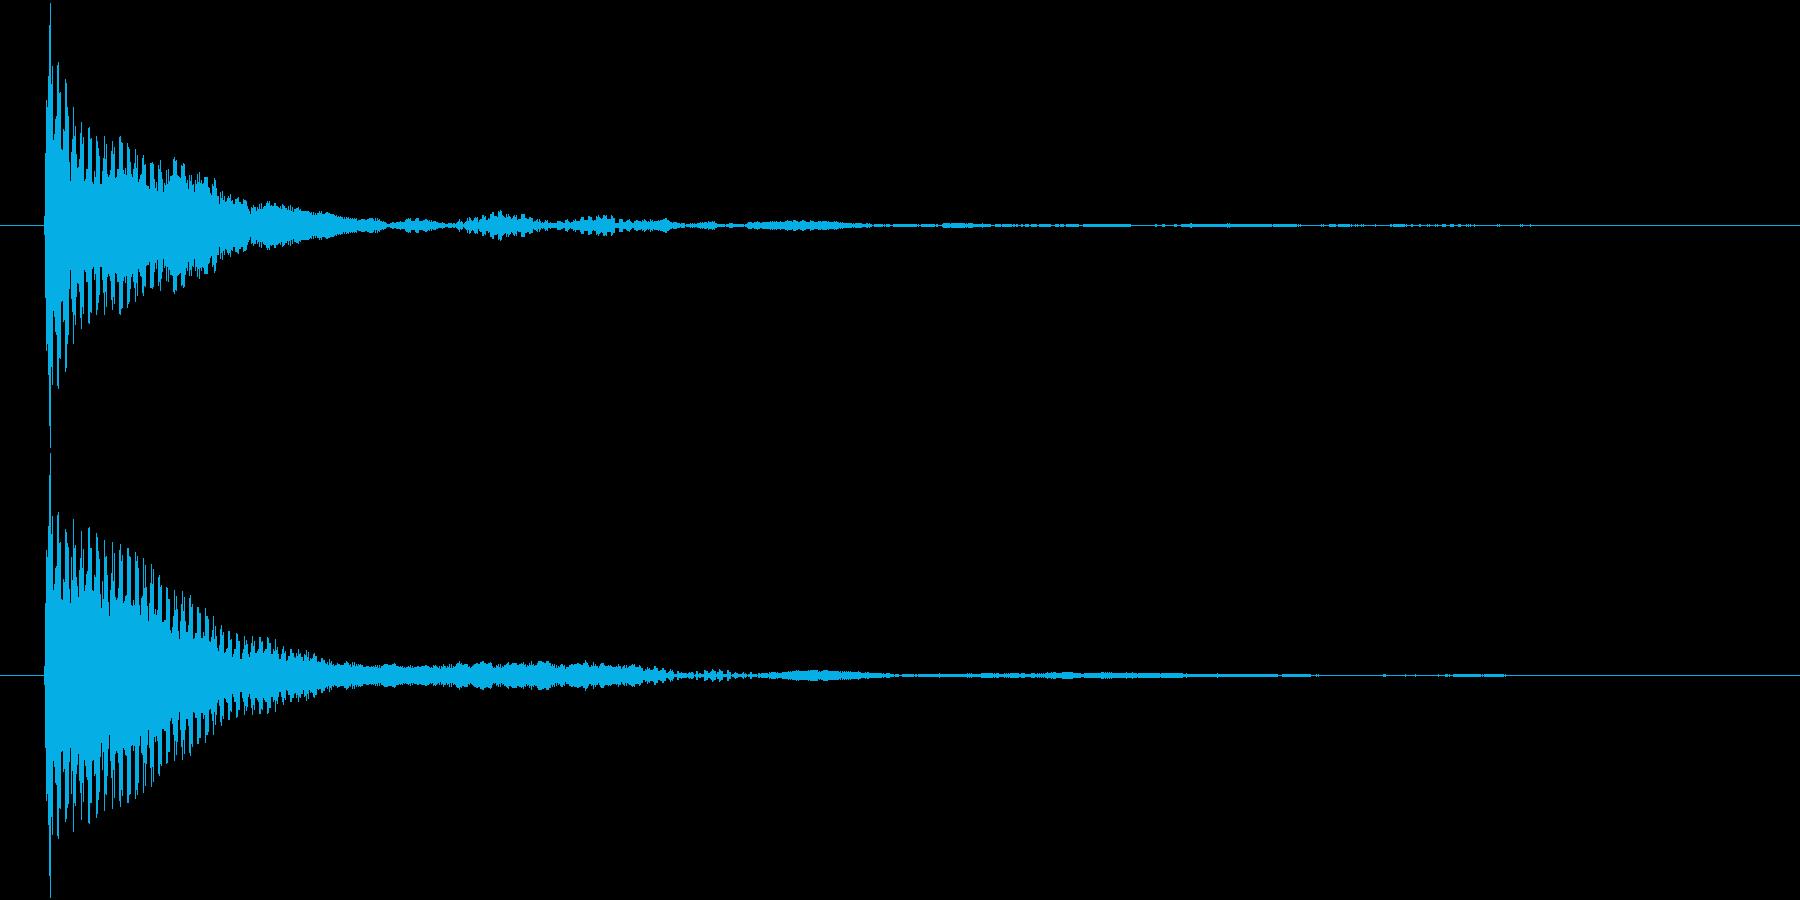 ポン カーソル音 タップ音 G-08_の再生済みの波形